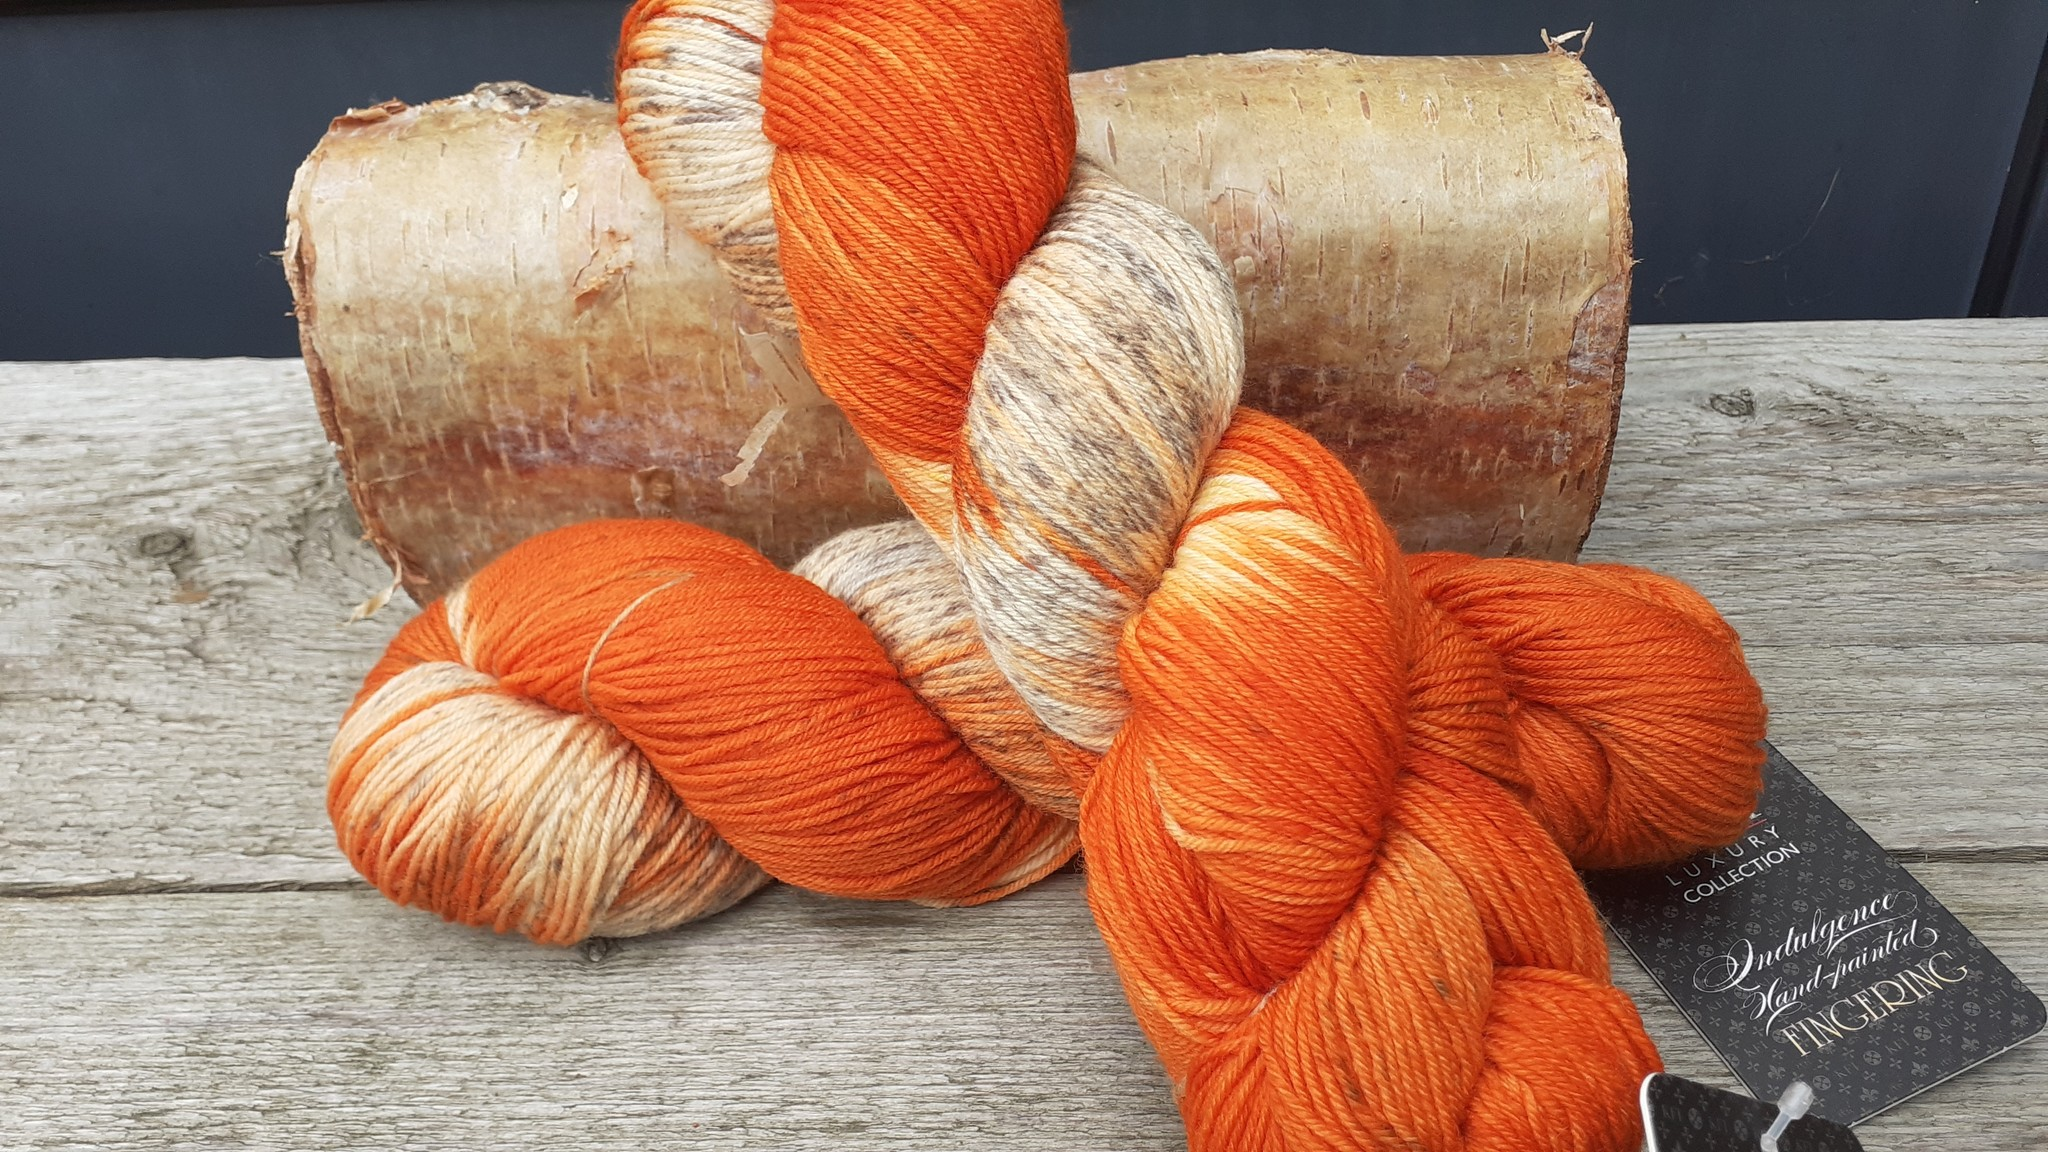 Knitting Fever Indulgance FIngering Handdyed - 06 - Versailles